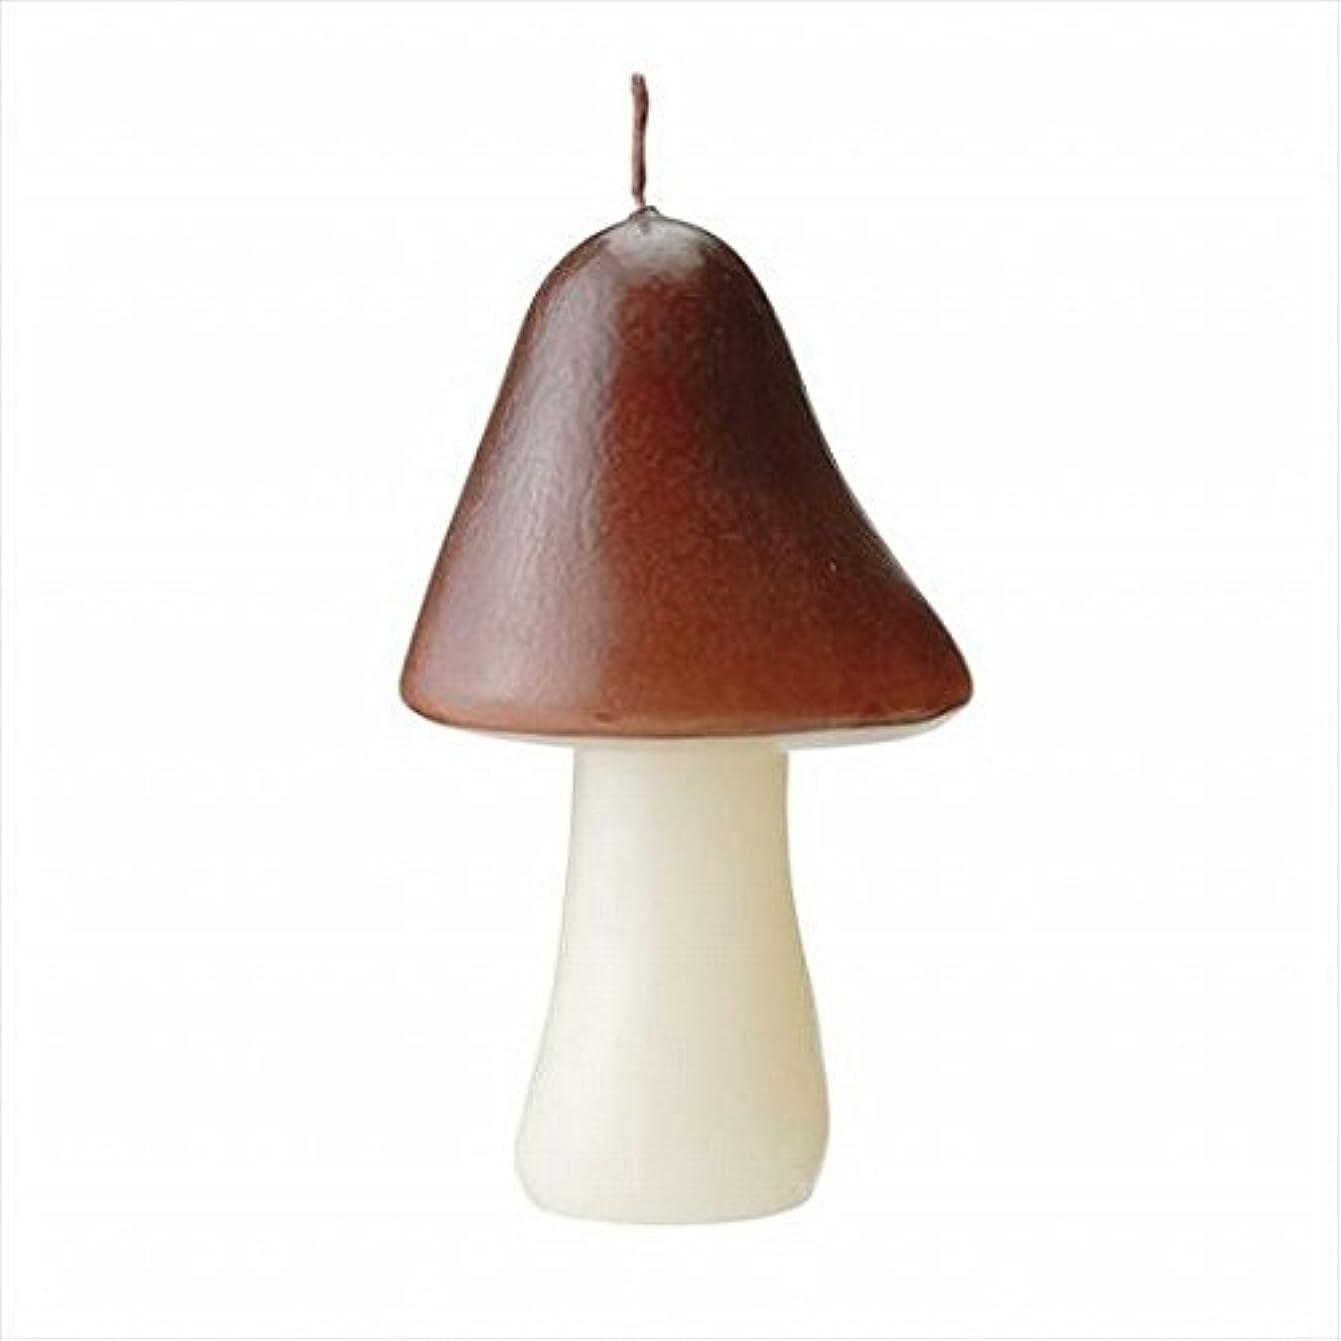 ダンス障害者何kameyama candle(カメヤマキャンドル) きのこキャンドルL(A8380000)